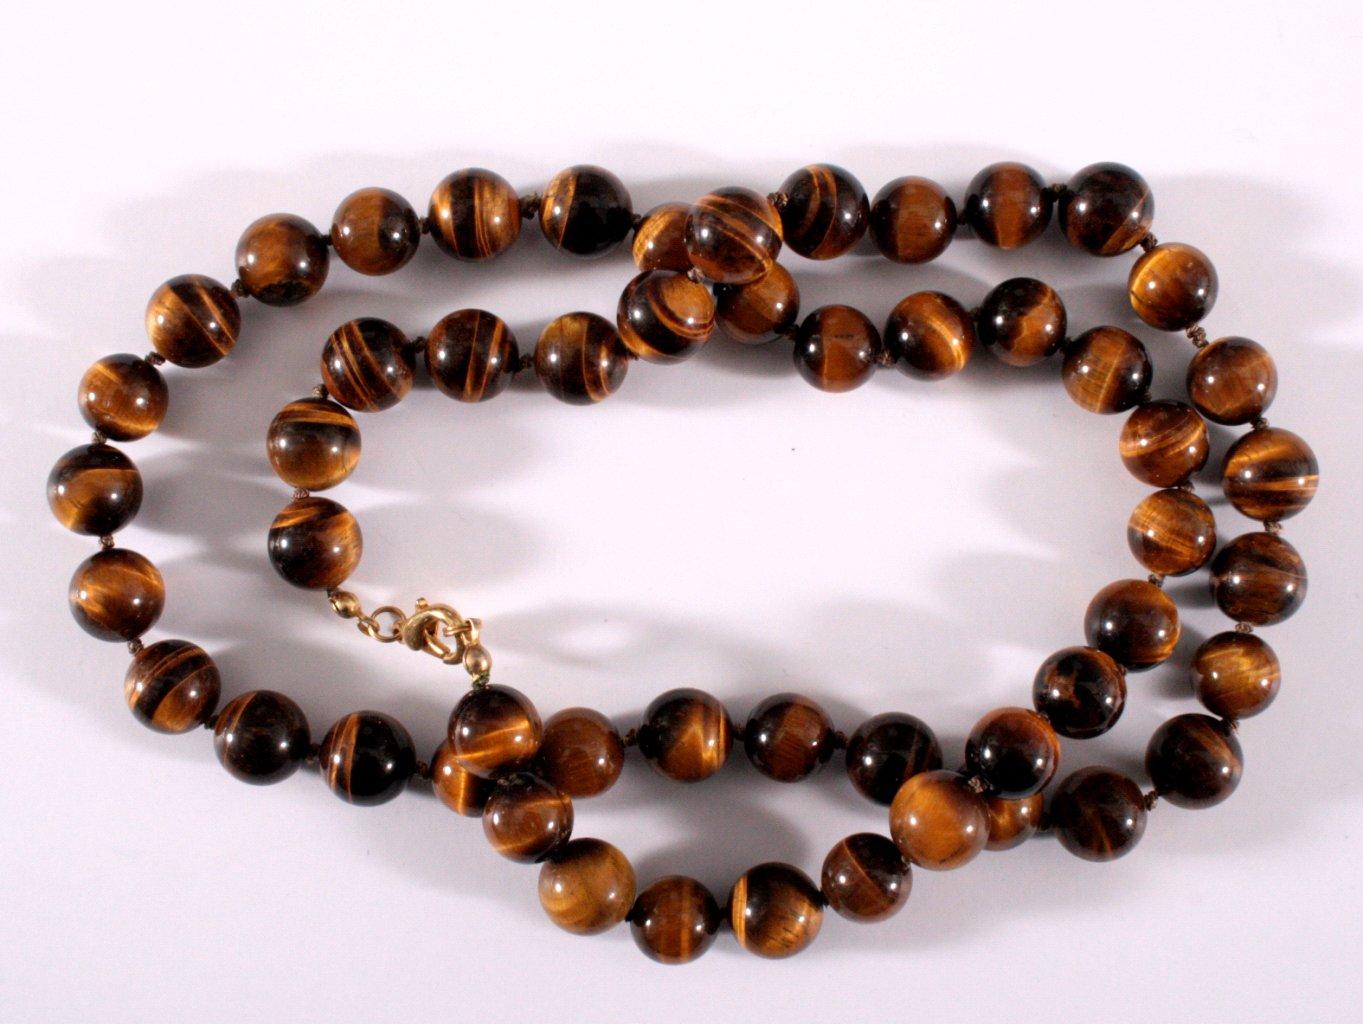 Tigerauge Halskette-1